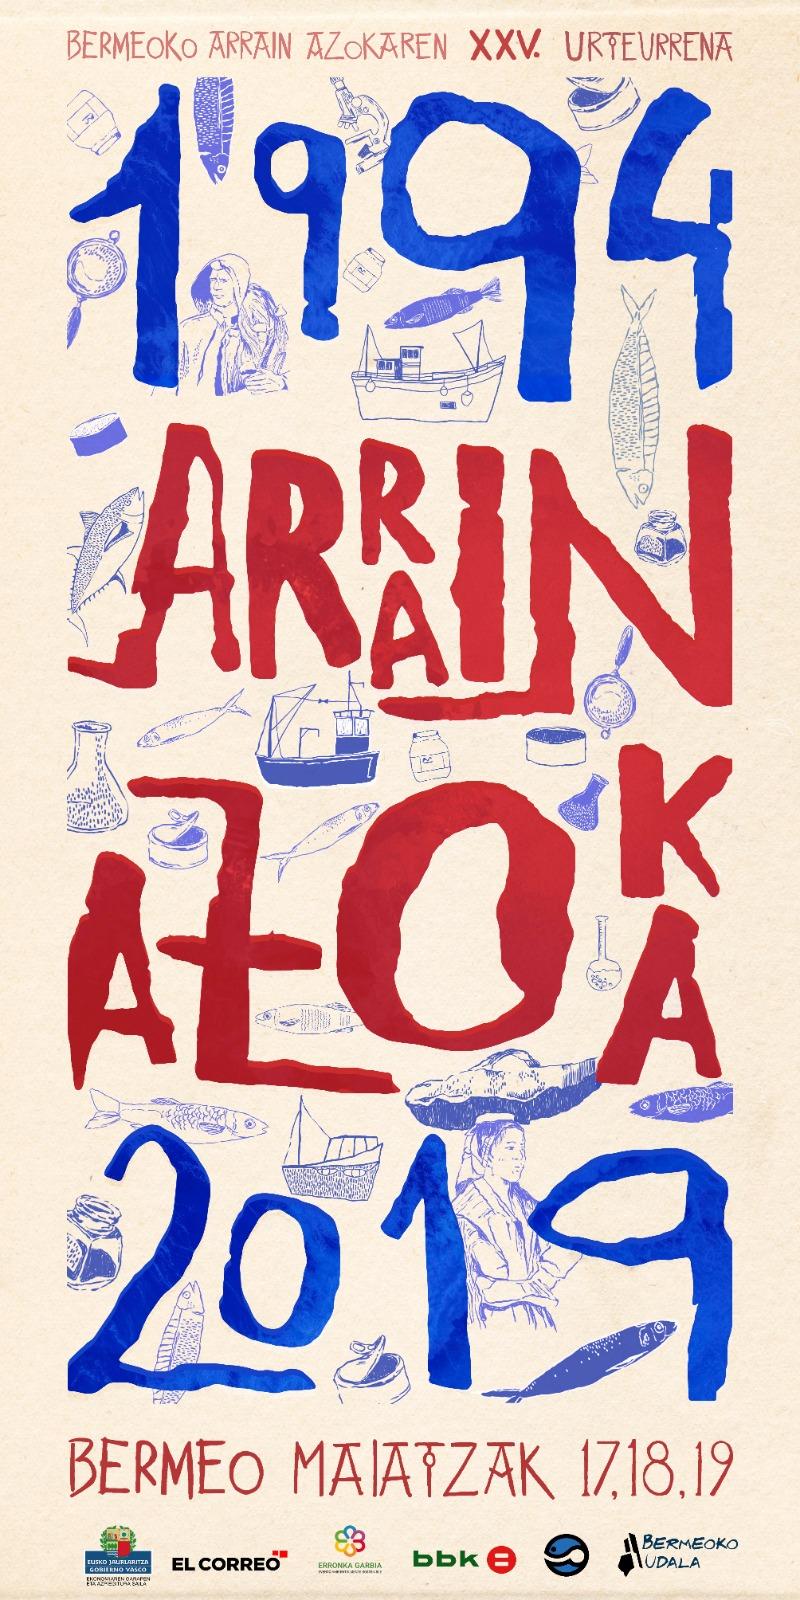 Arrain Azoka 2019